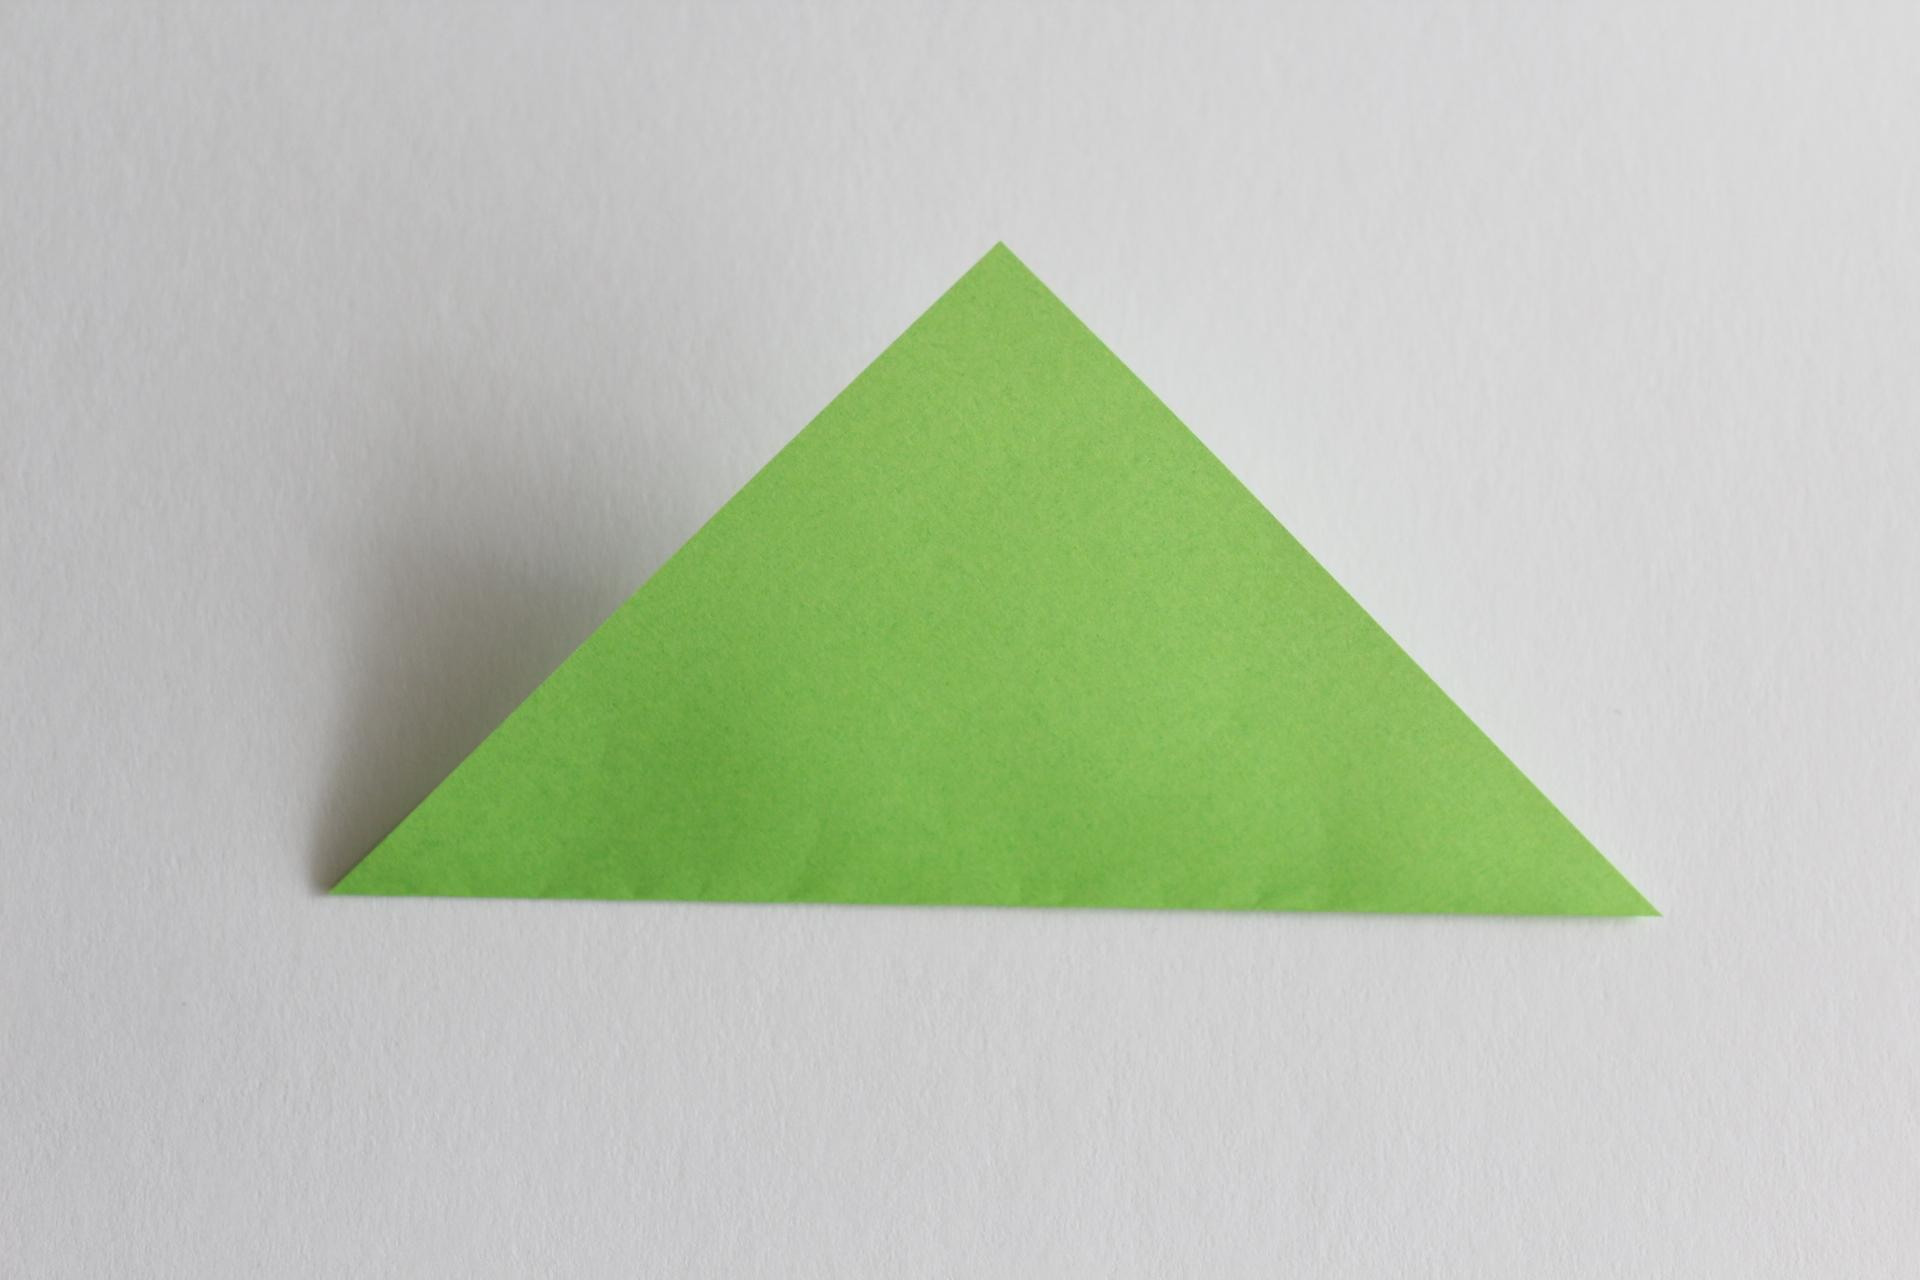 クリスマスツリーの折り方2